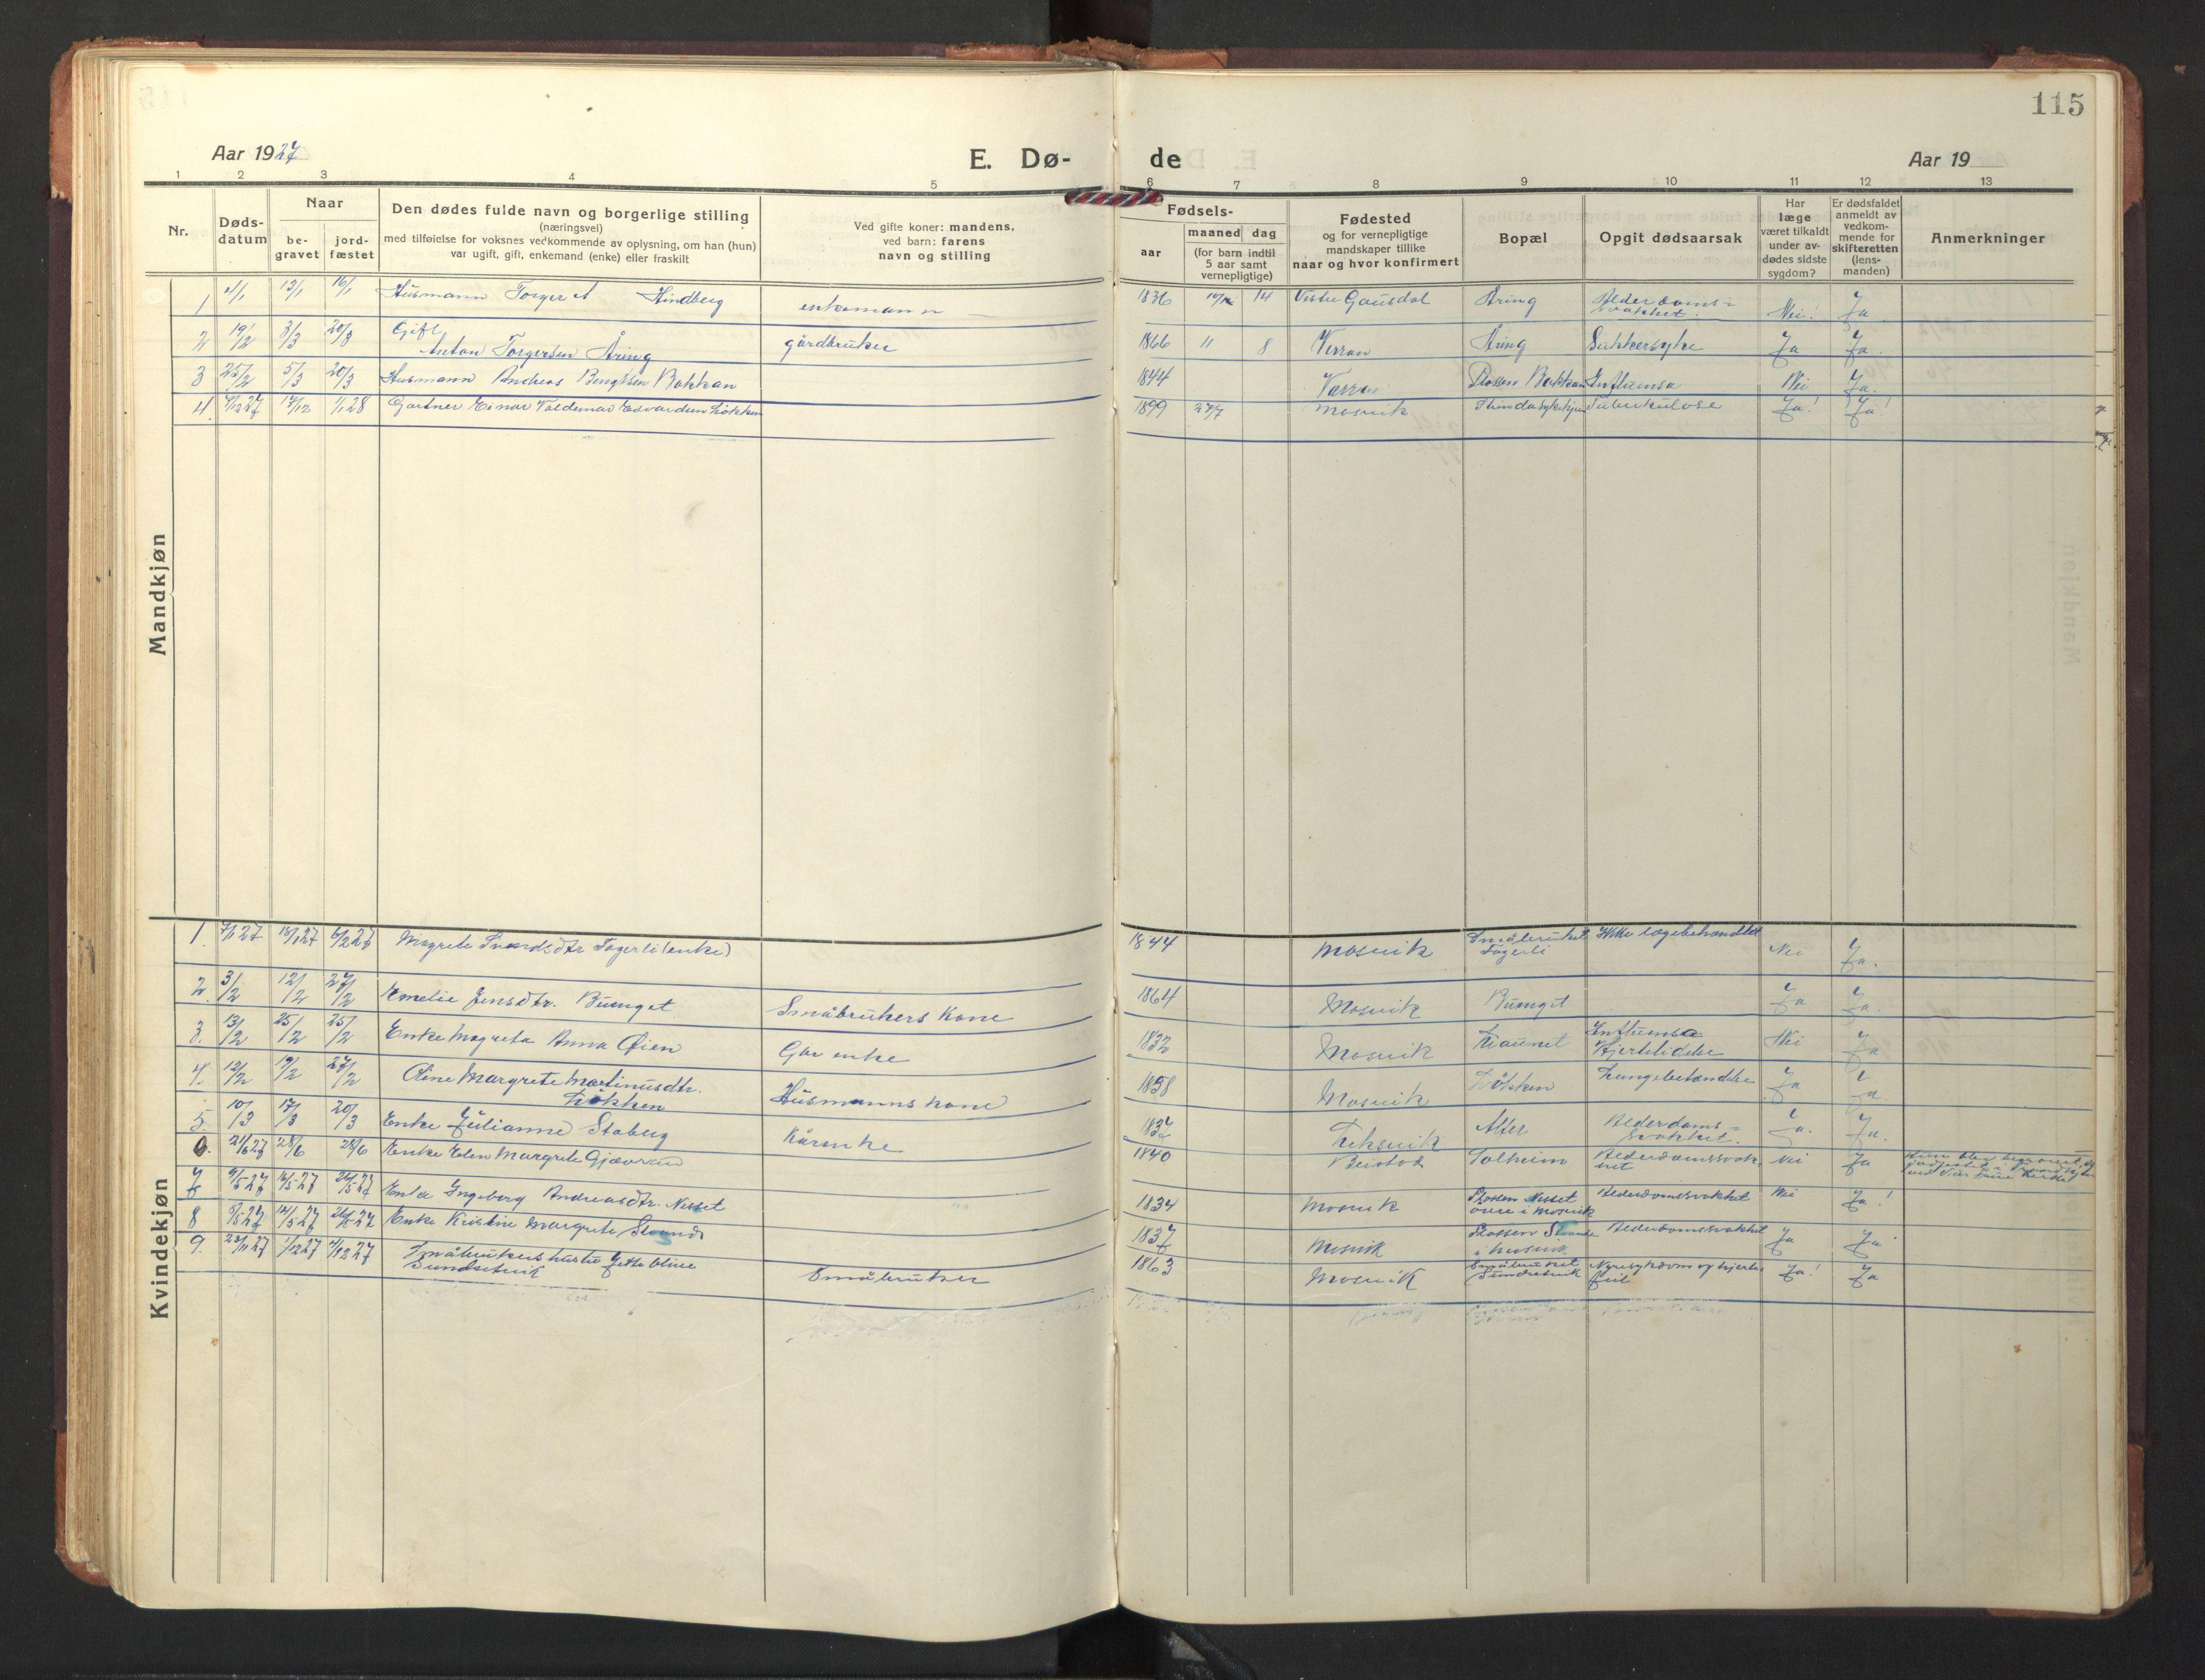 SAT, Ministerialprotokoller, klokkerbøker og fødselsregistre - Nord-Trøndelag, 733/L0328: Klokkerbok nr. 733C03, 1919-1966, s. 115